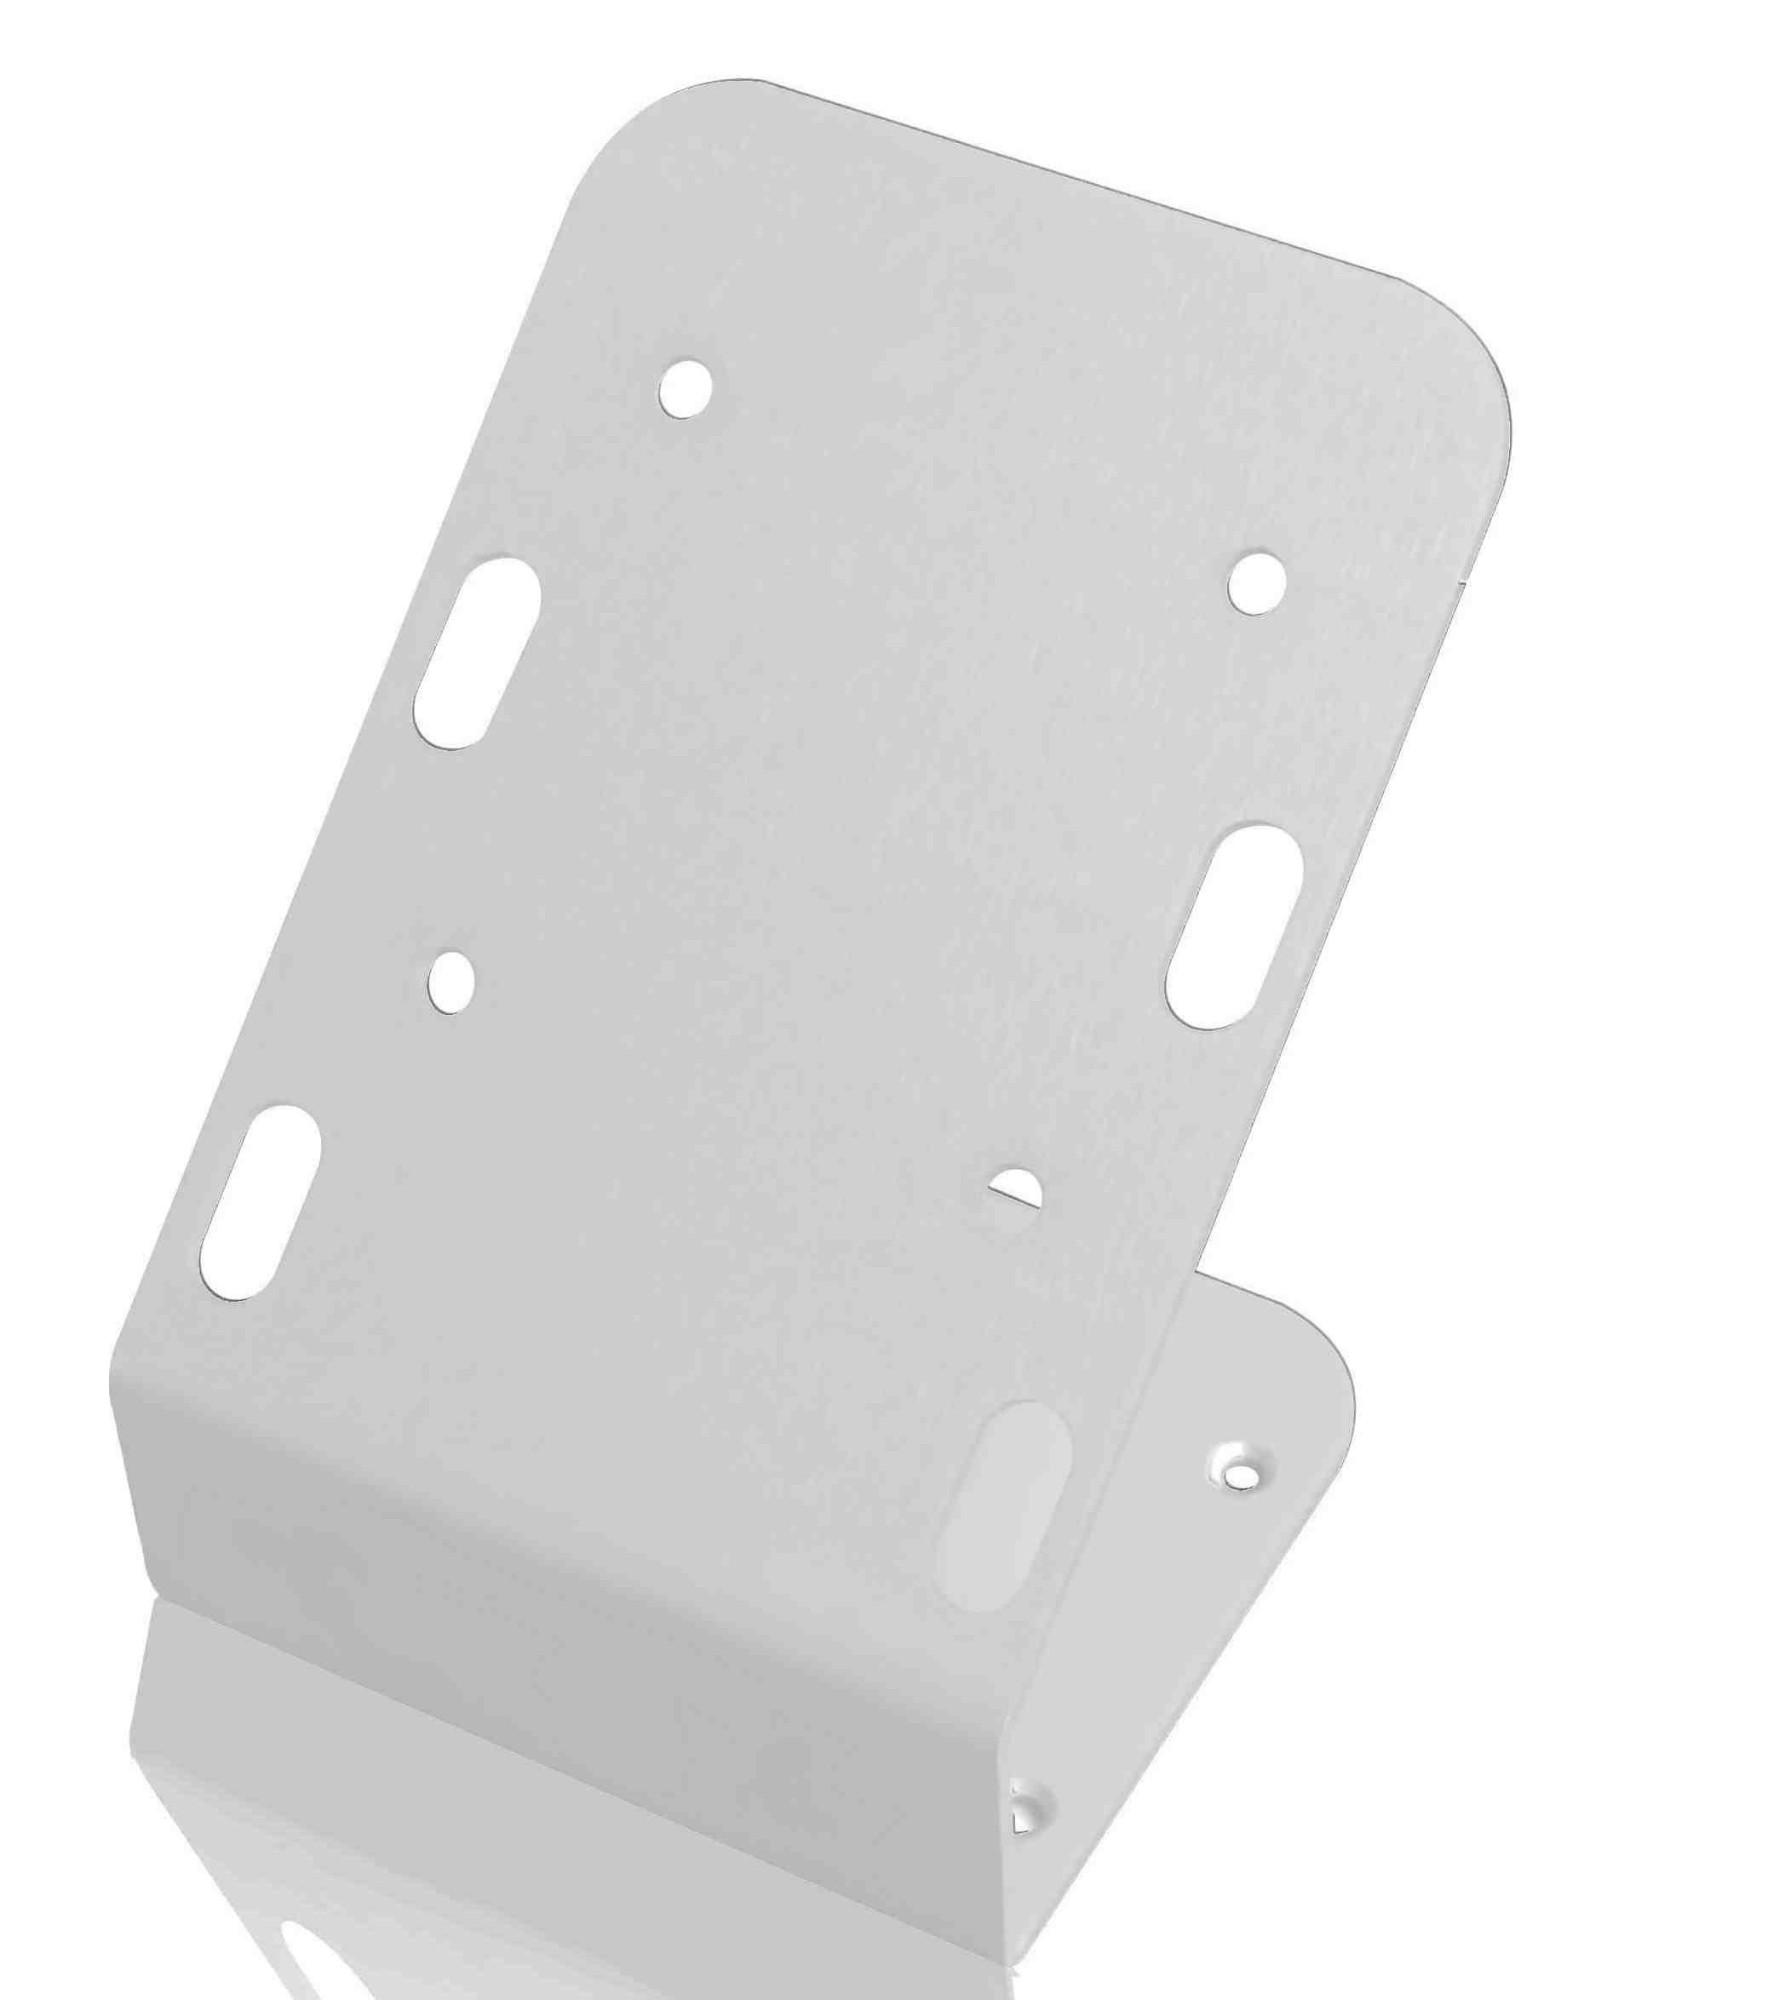 Compulocks 101W soporte Tablet/UMPC Blanco Soporte pasivo